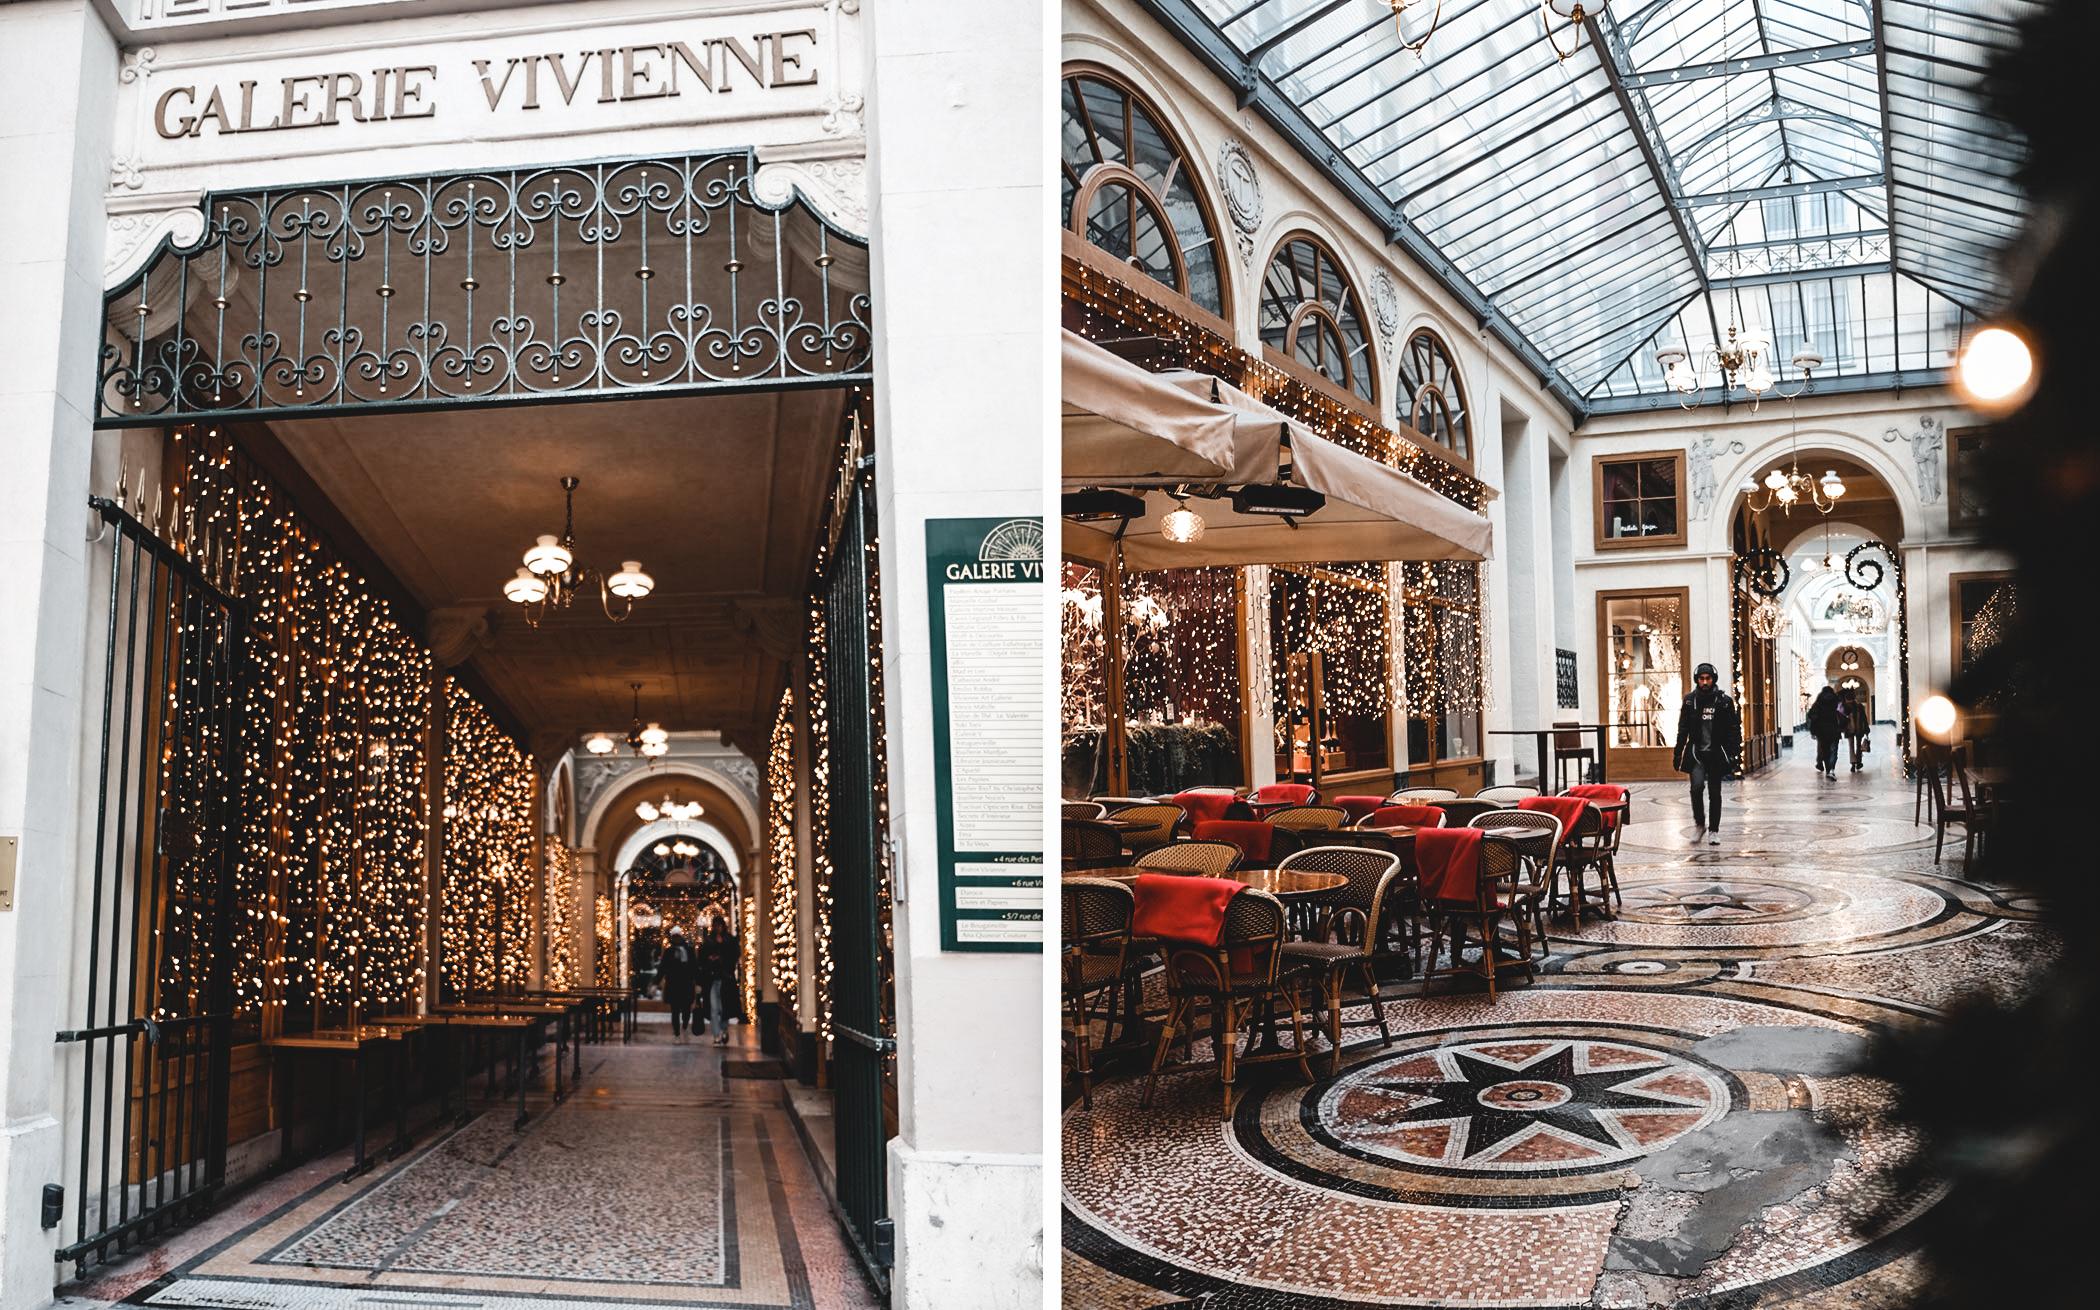 Galerie Vivienne. Parcours de Noël  à paris. Les plus belles places à voir pendant la période des fêtes